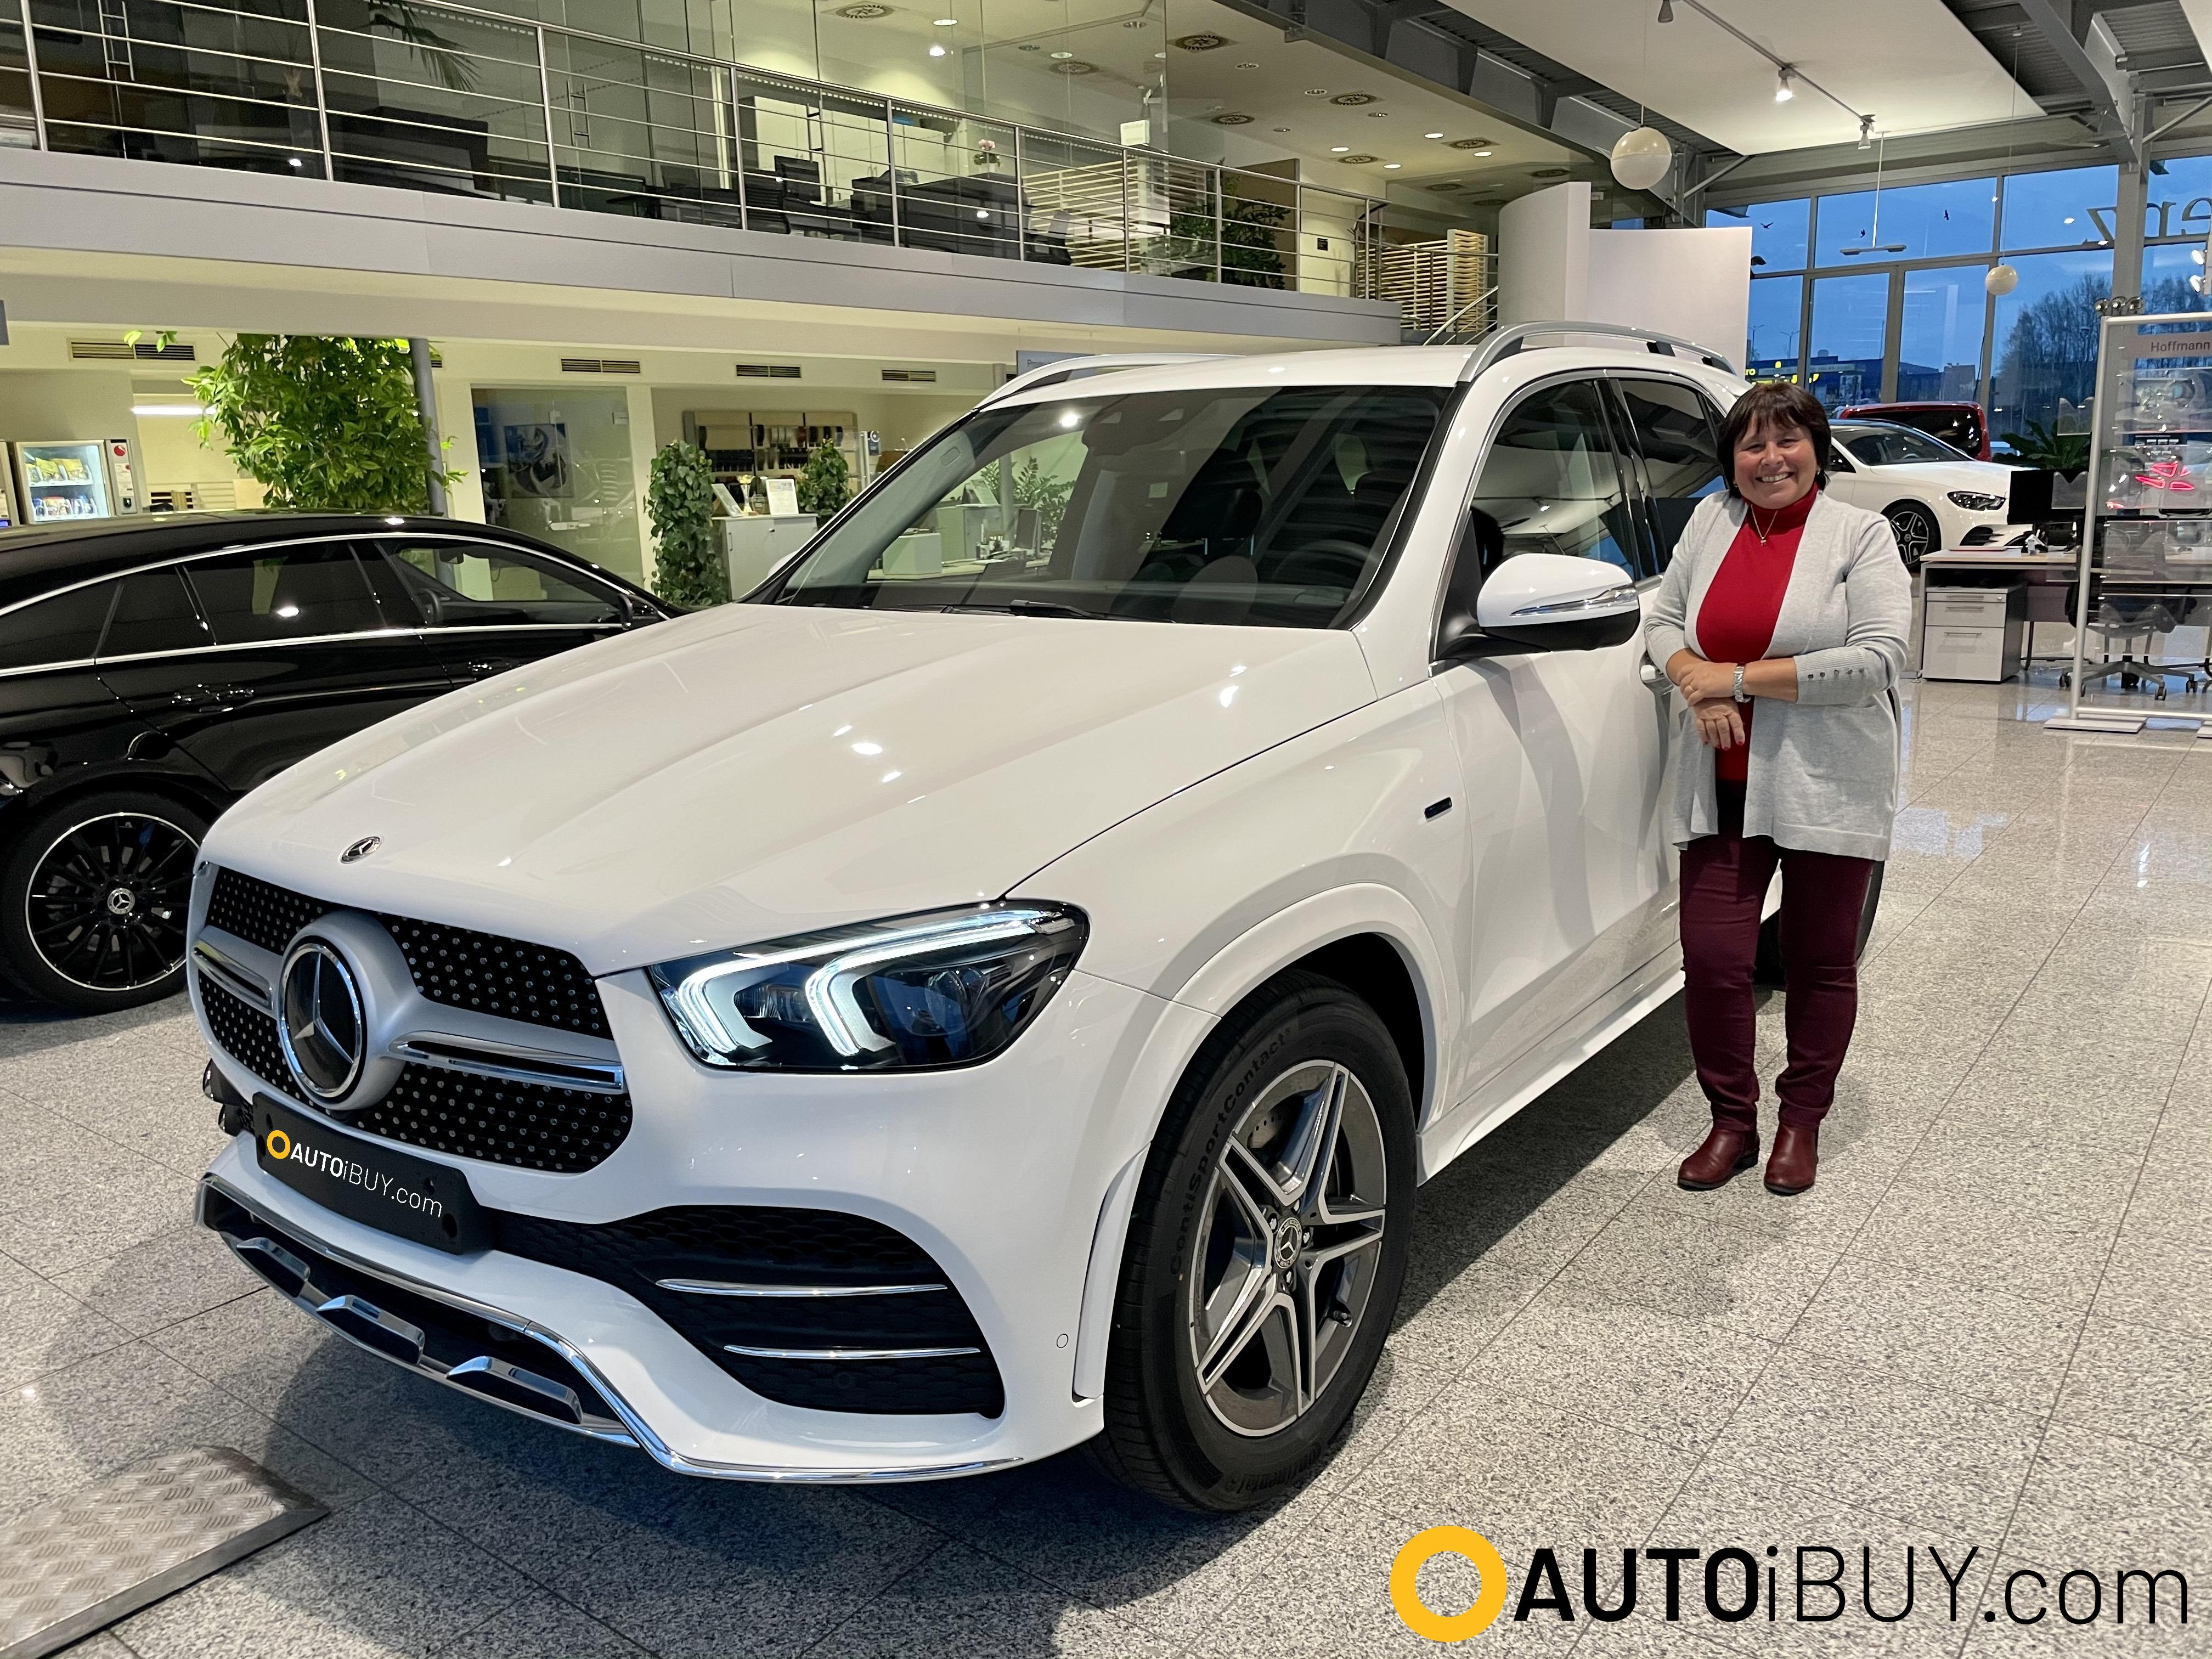 Mercedes GLE 350 de hybrid AMG | předání klientovi | nové hybridní SUV | reference